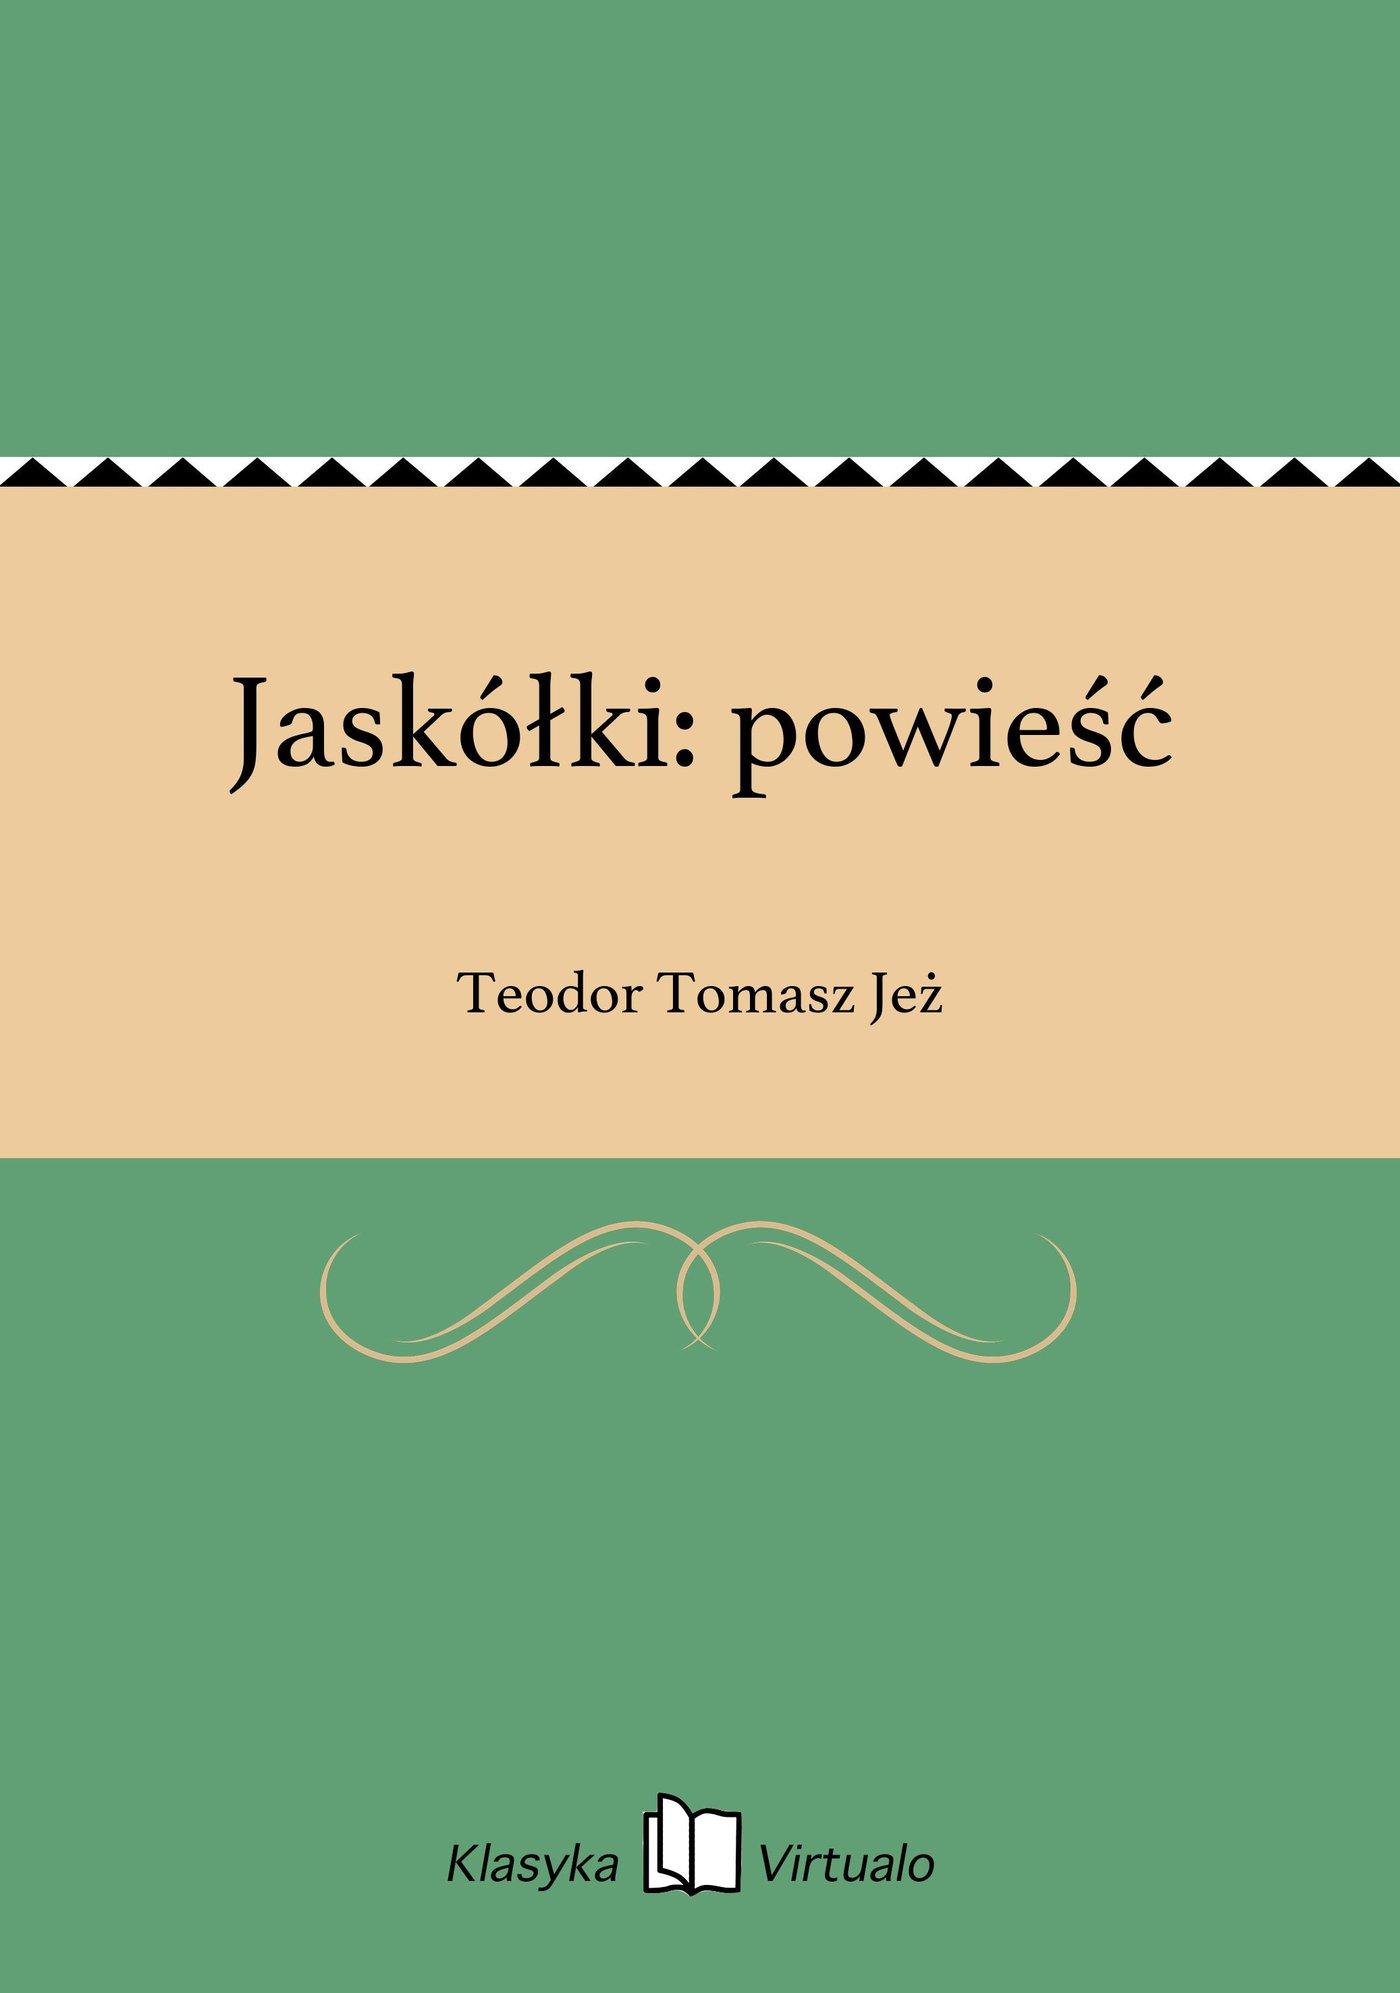 Jaskółki: powieść - Ebook (Książka EPUB) do pobrania w formacie EPUB